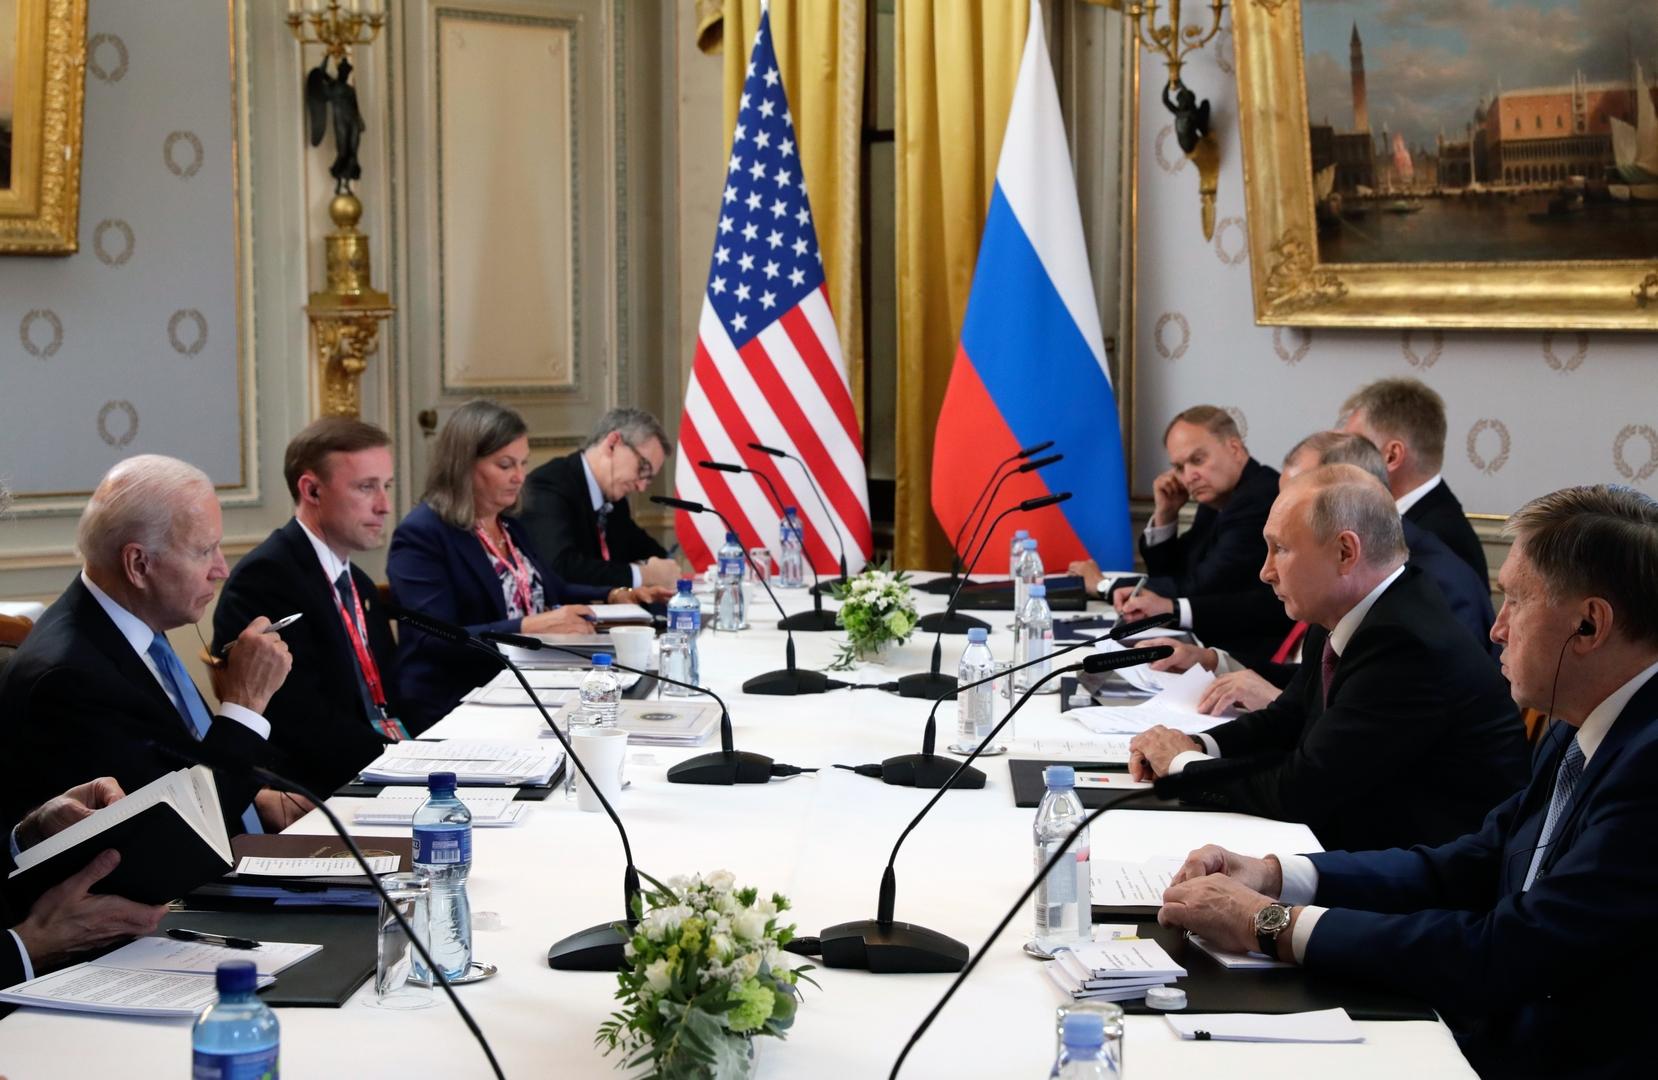 إشارات إيجابية وخطوط حمراء وخلافات لا يمكن تجاوزها.. الكرملين يكشف تفاصيل قمة بوتين-بايدن